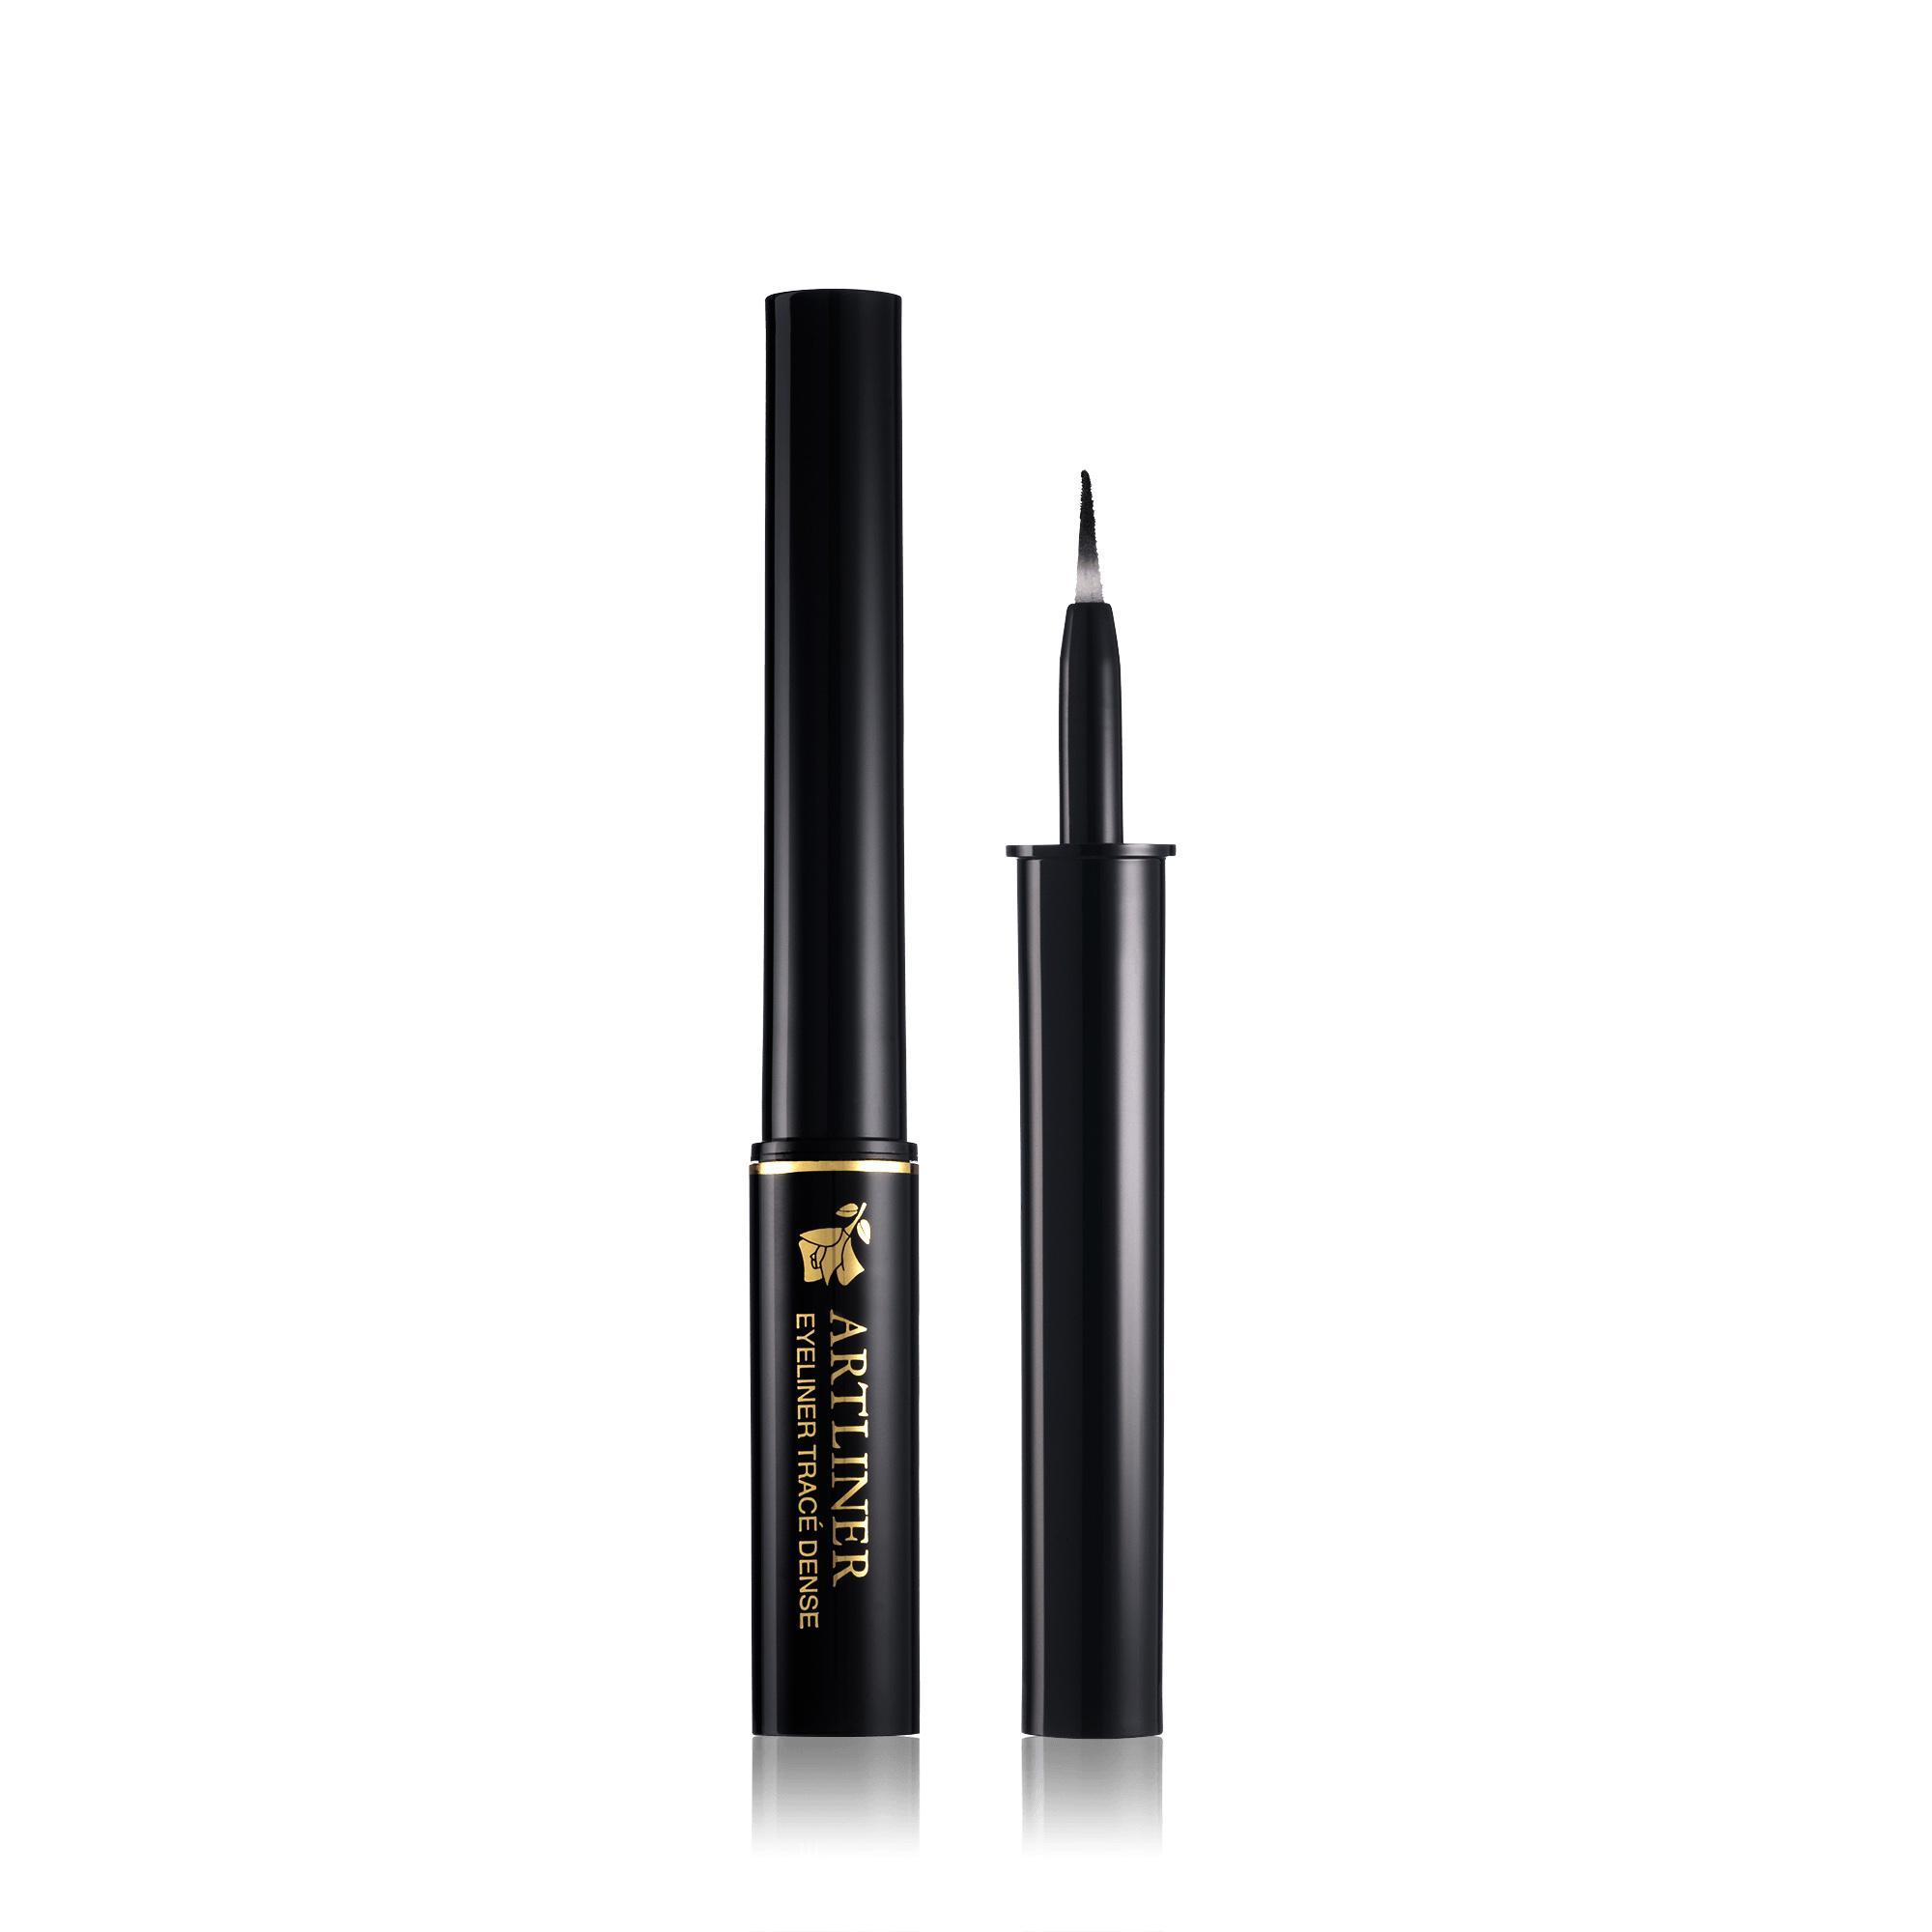 Lancôme Artliner  Delineador De Ojos Líquido 01 Black